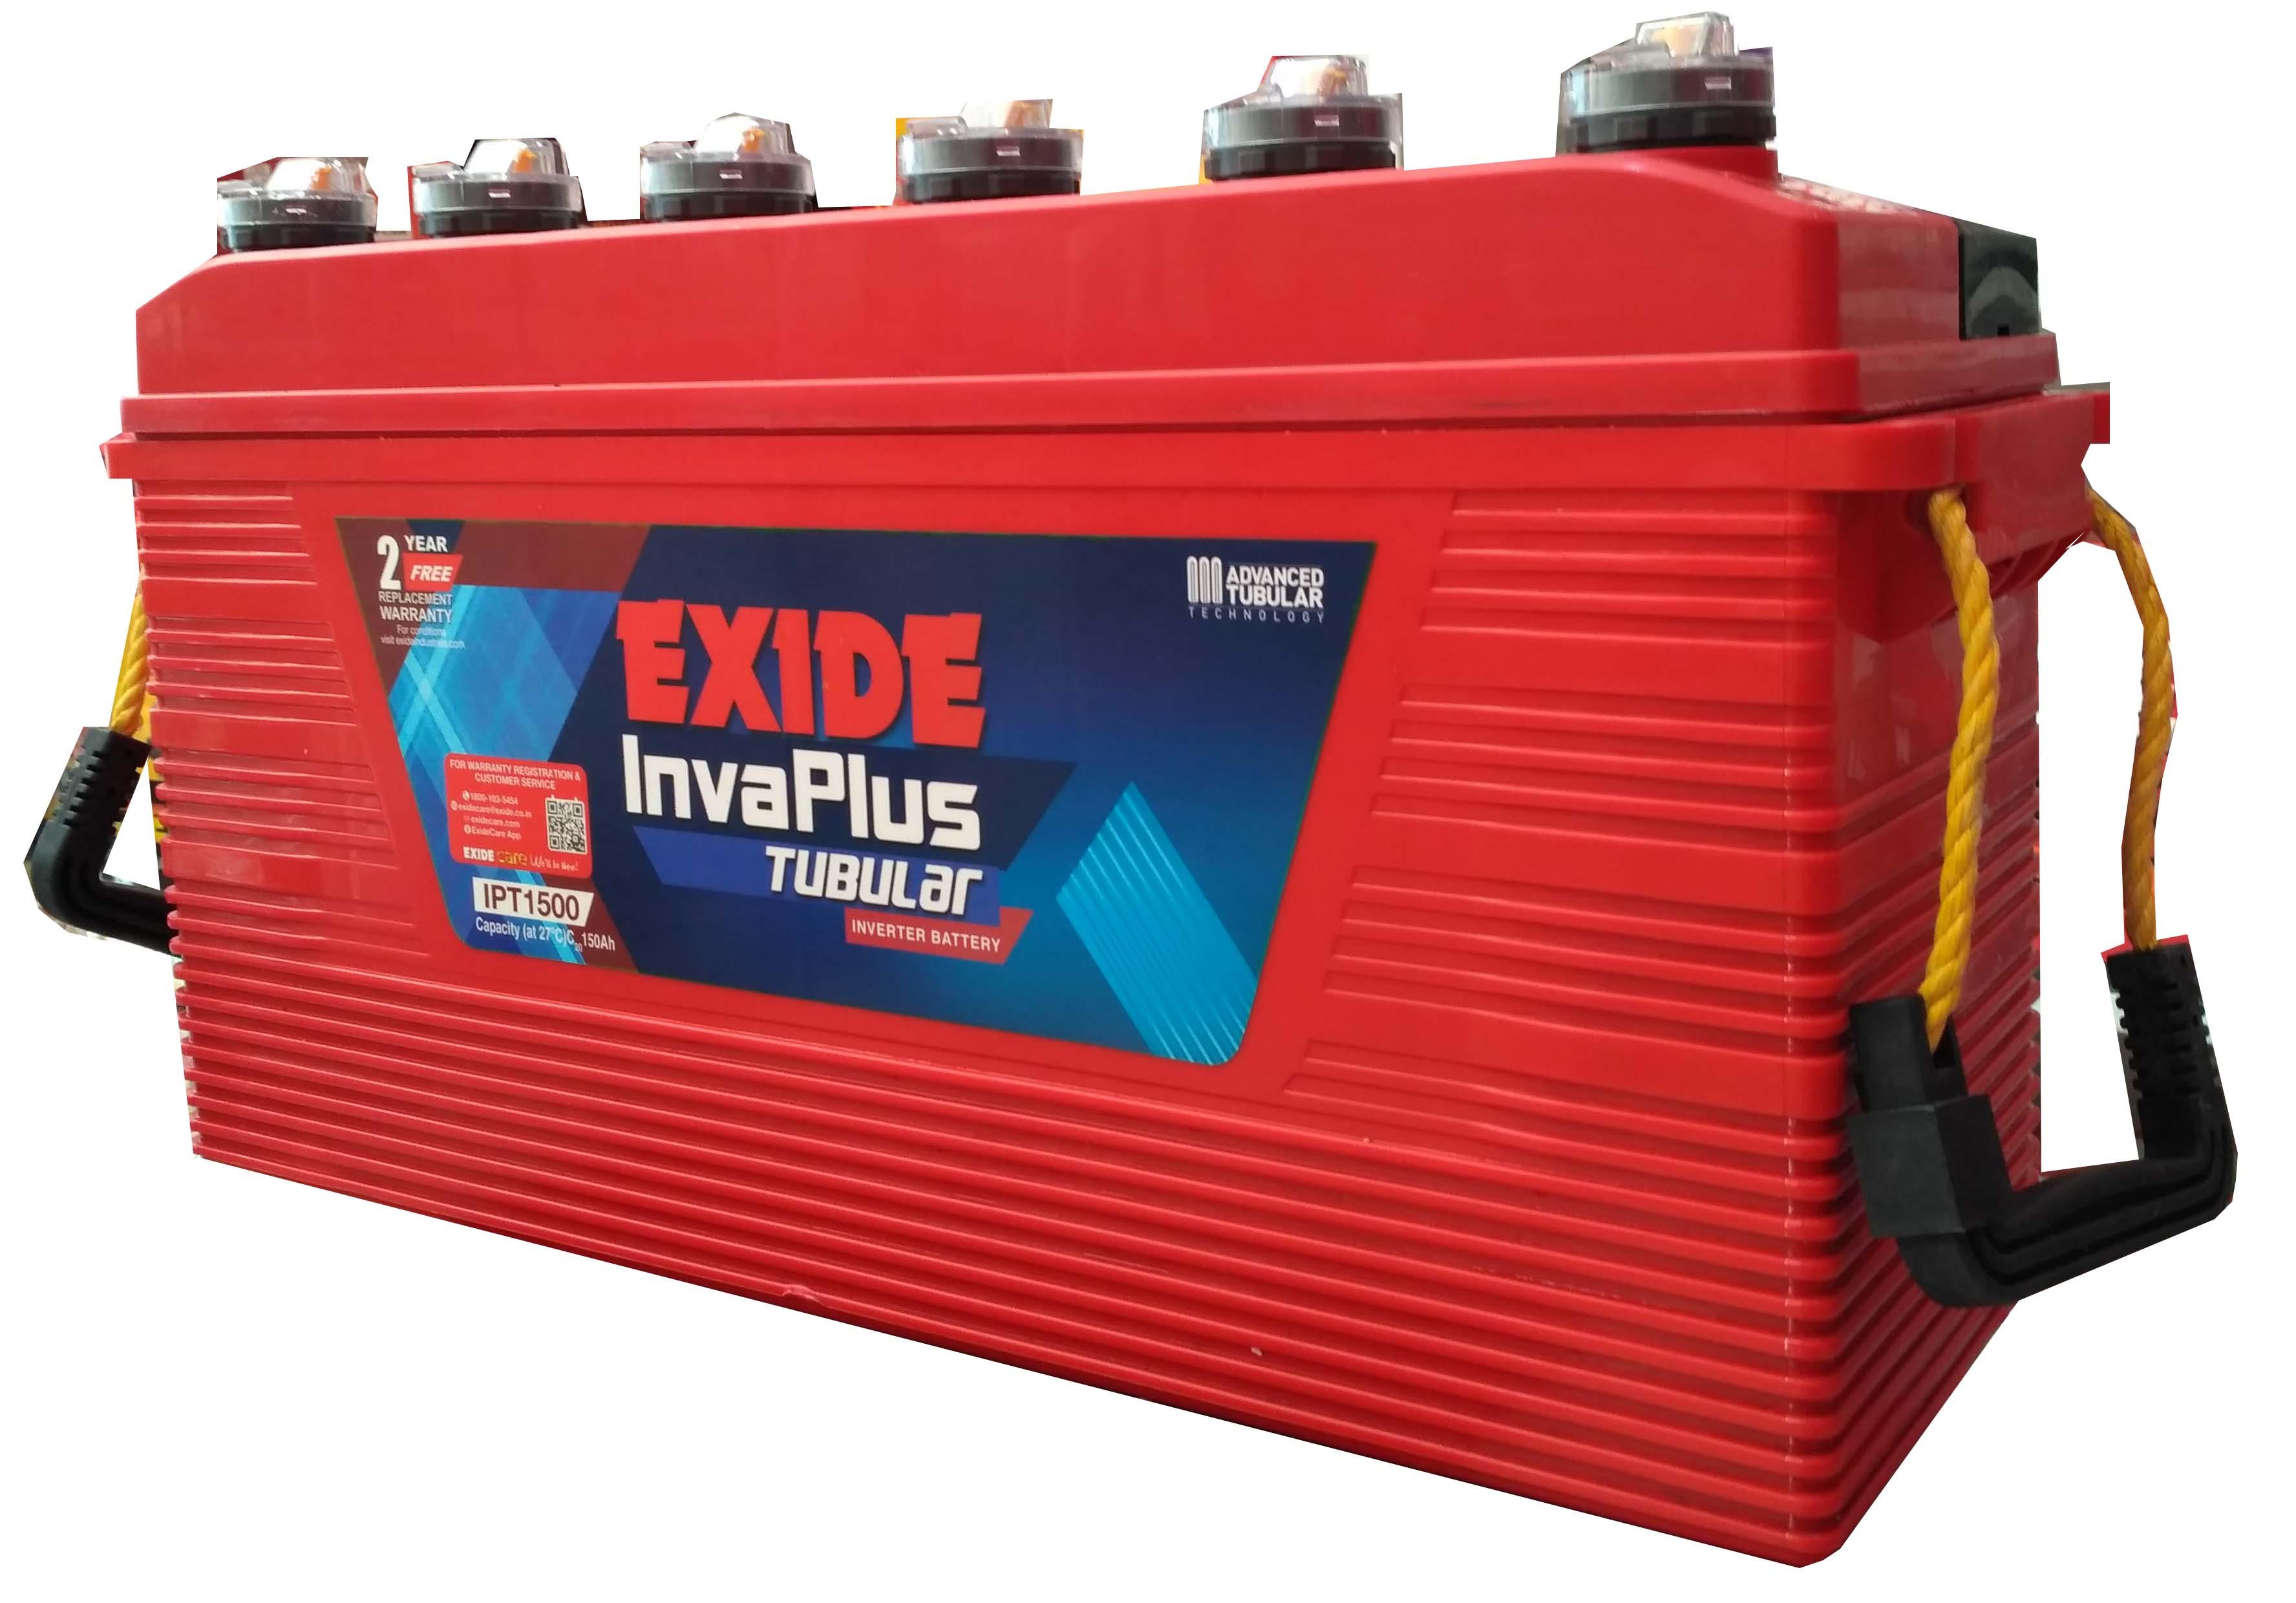 Exide 100 ah Tubular battery for inverter